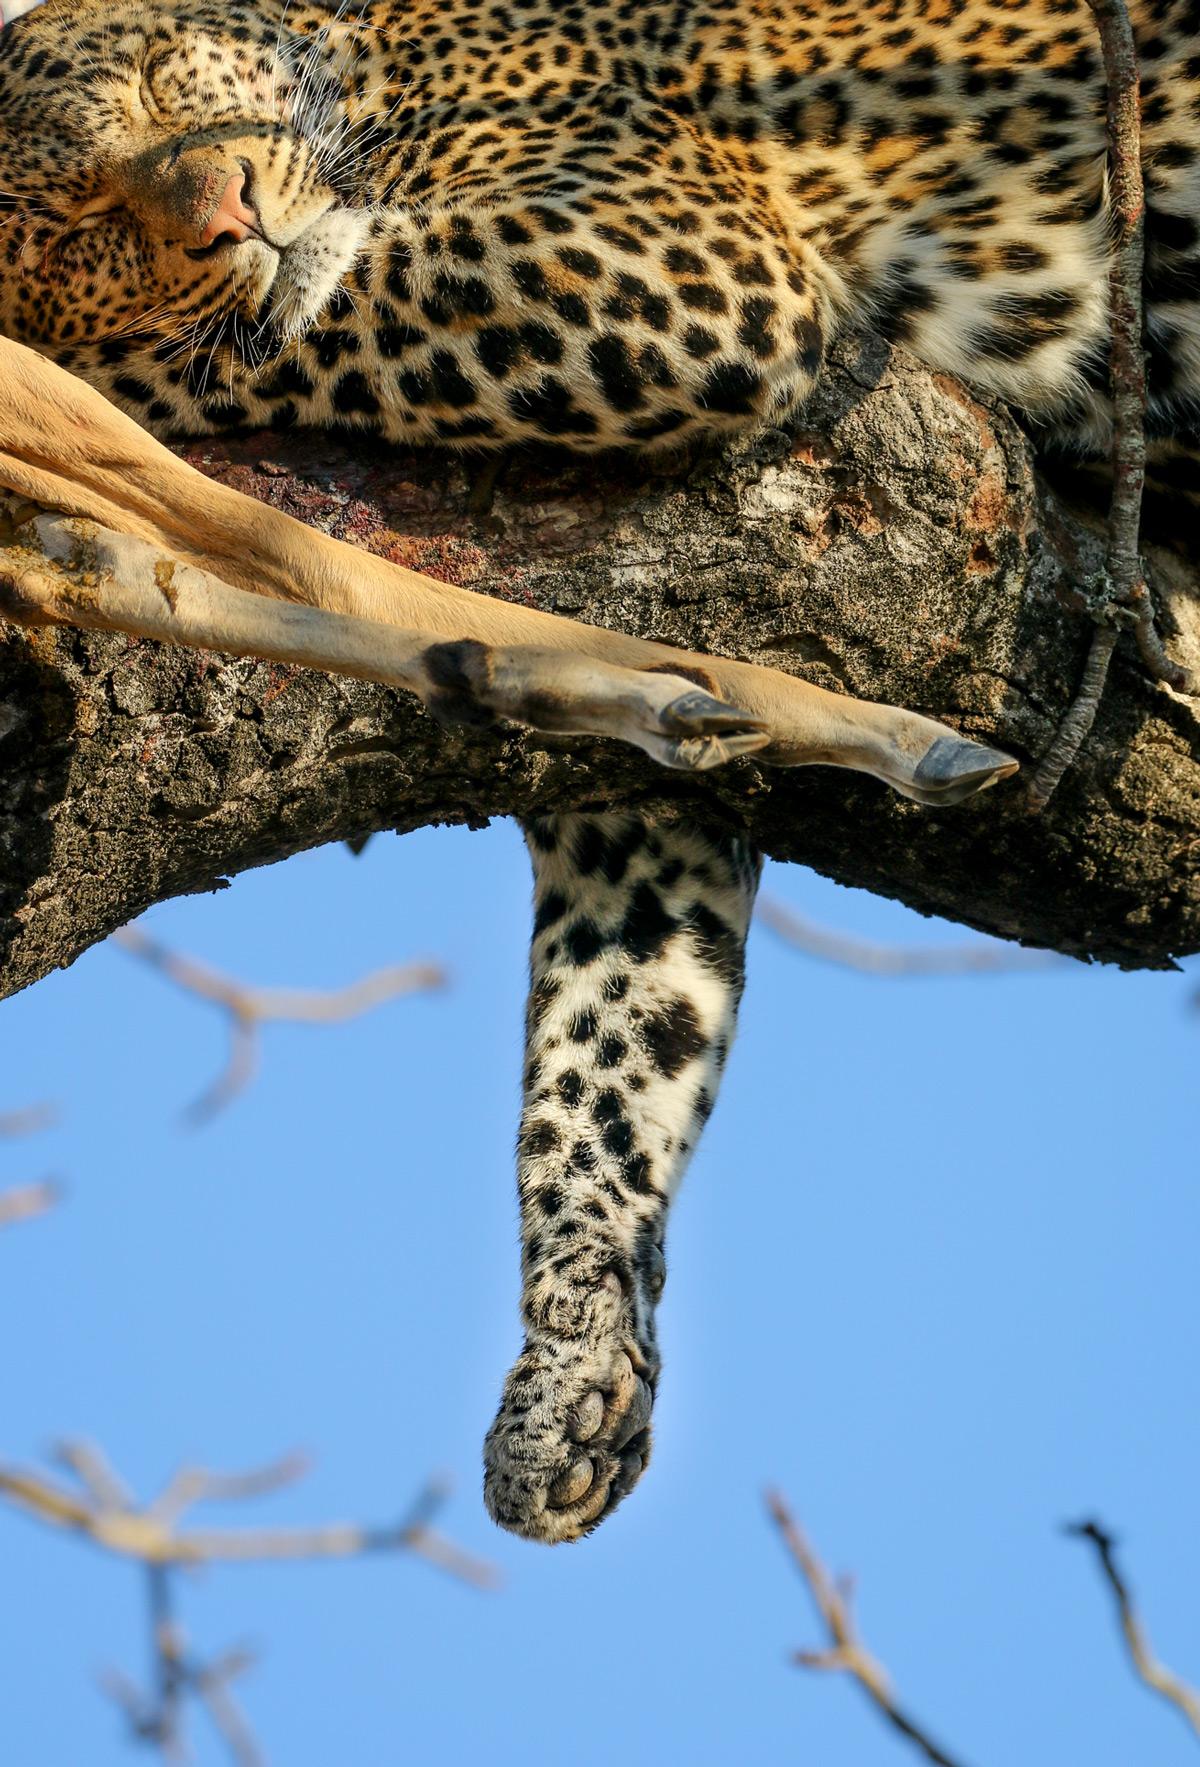 A leopard rests after eating in Kruger National Park, South Africa © Janine Malan